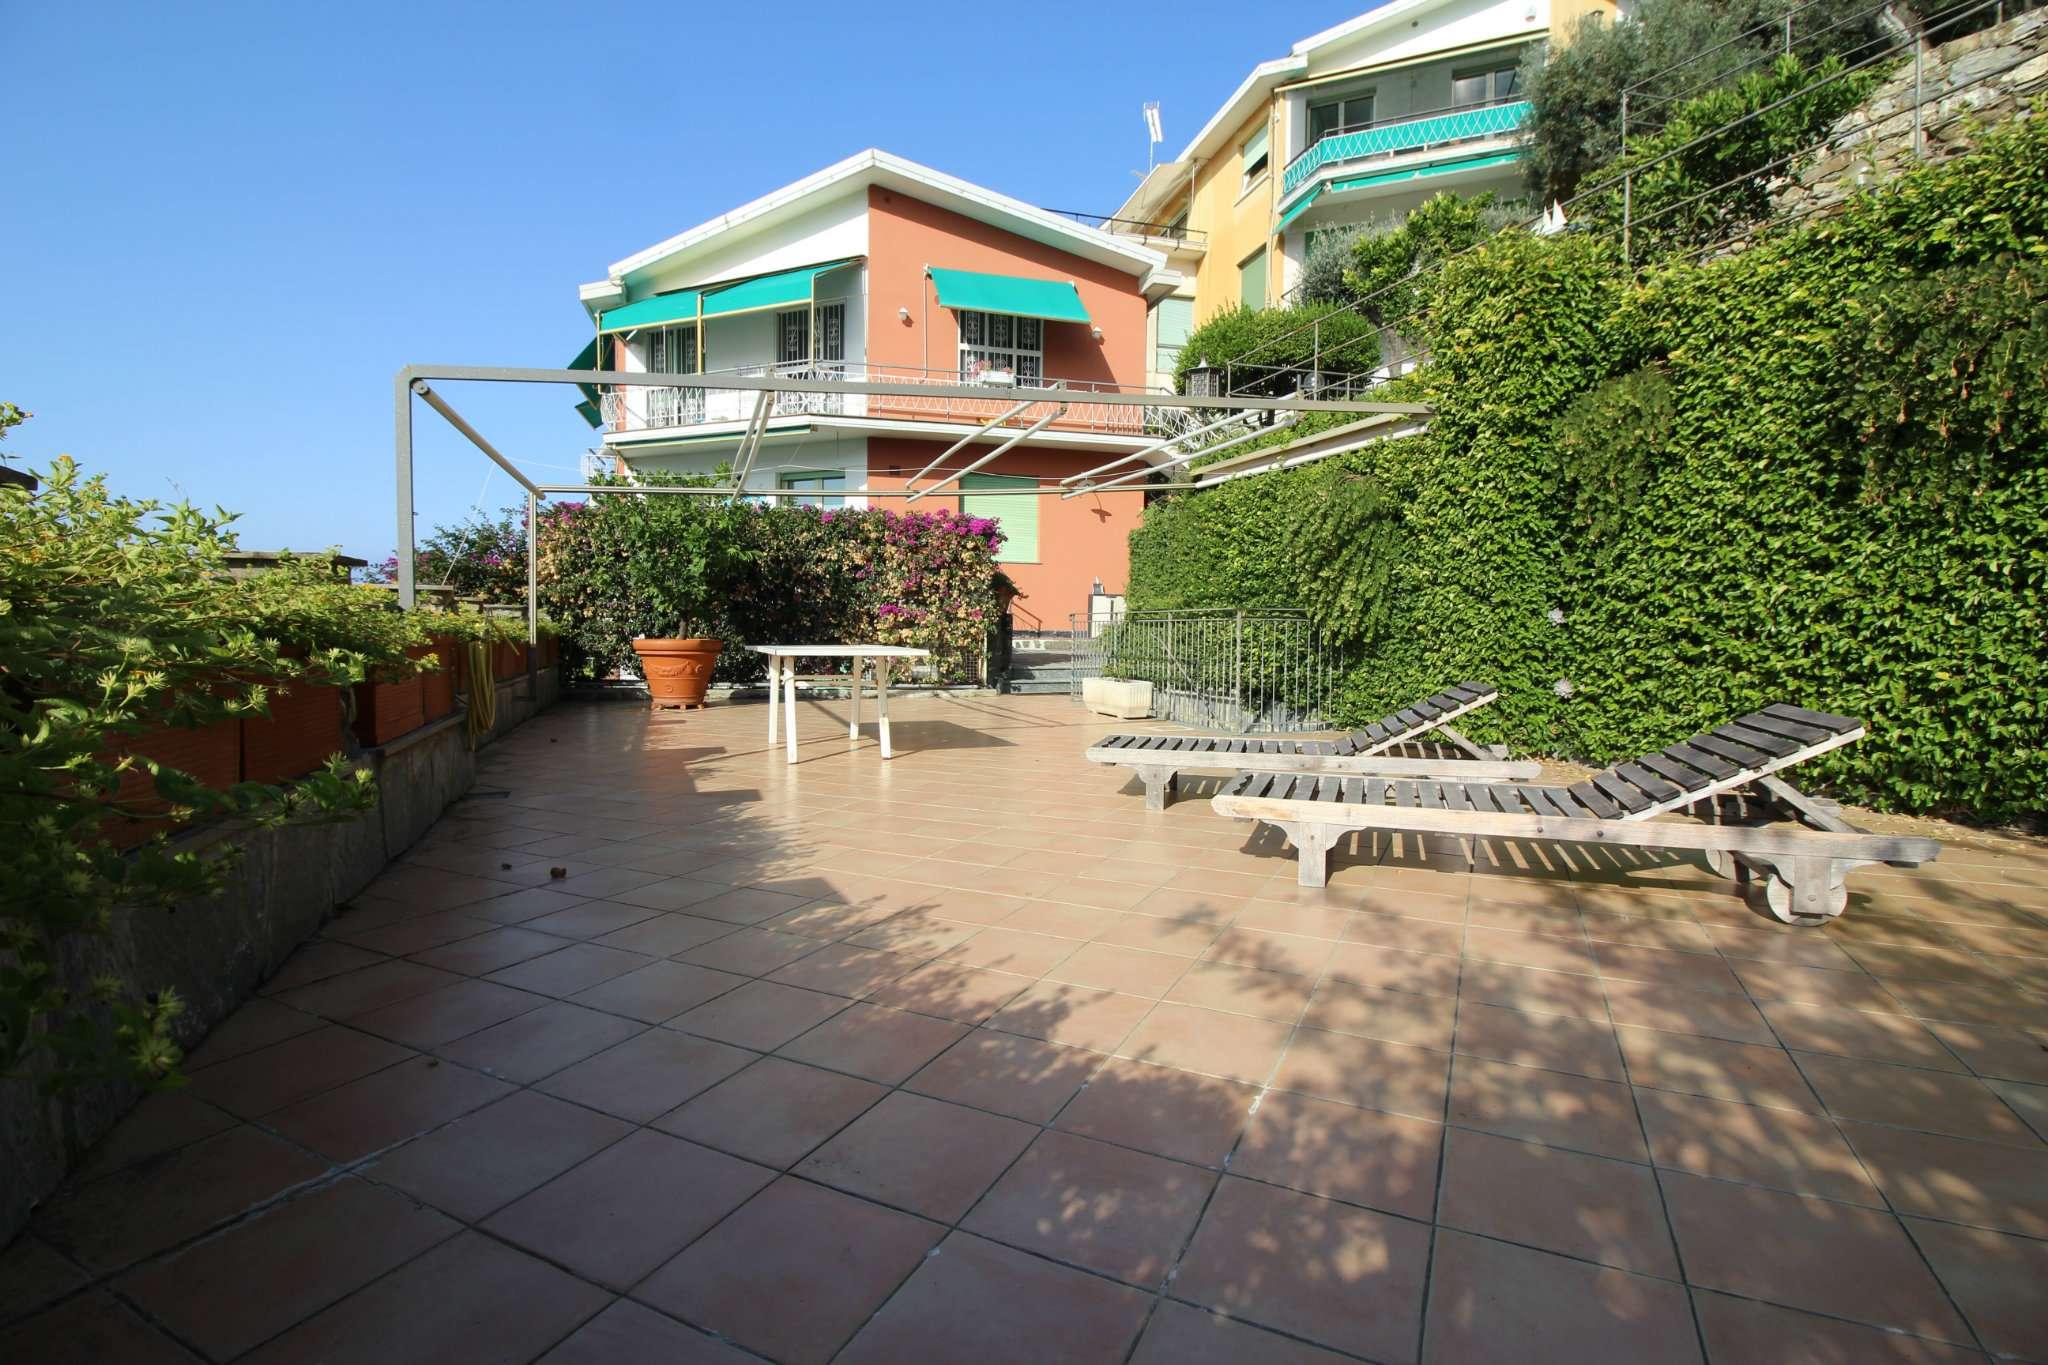 Appartamento in vendita a Sori, 4 locali, prezzo € 650.000 | PortaleAgenzieImmobiliari.it